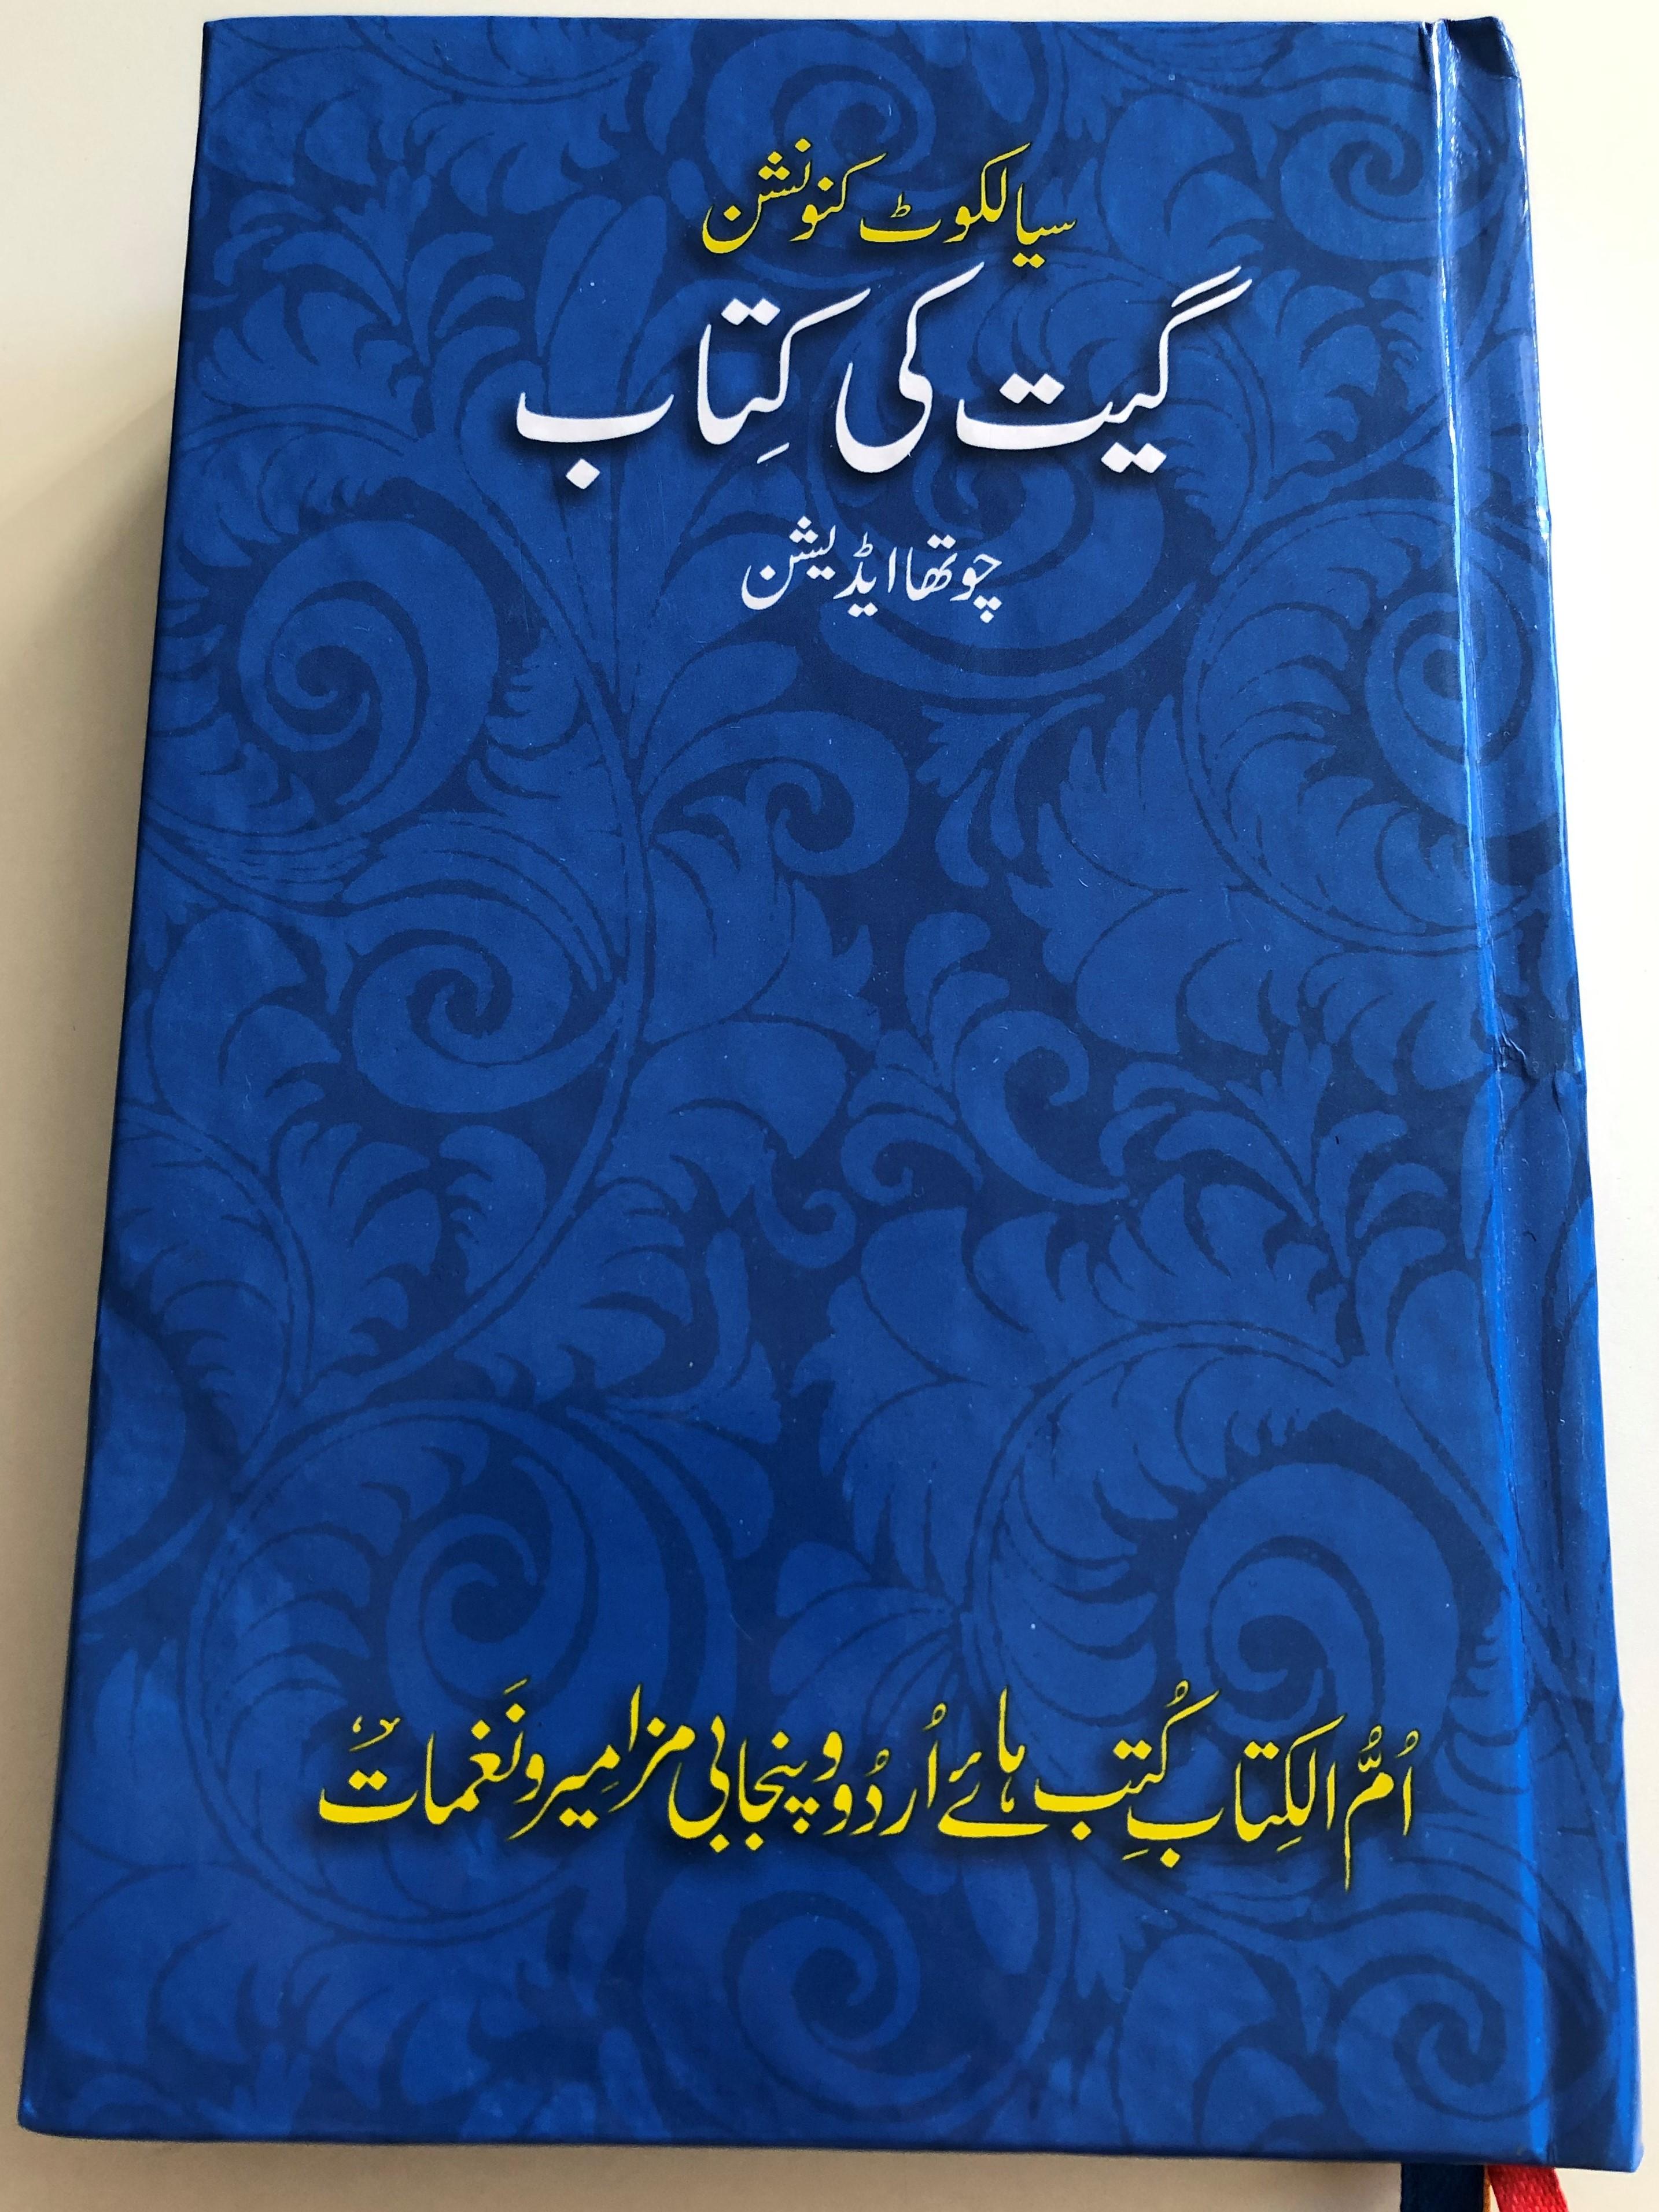 urdu-language-sialkot-chrisitian-hymnal-and-song-book-nirali-kitaben-1-.jpg